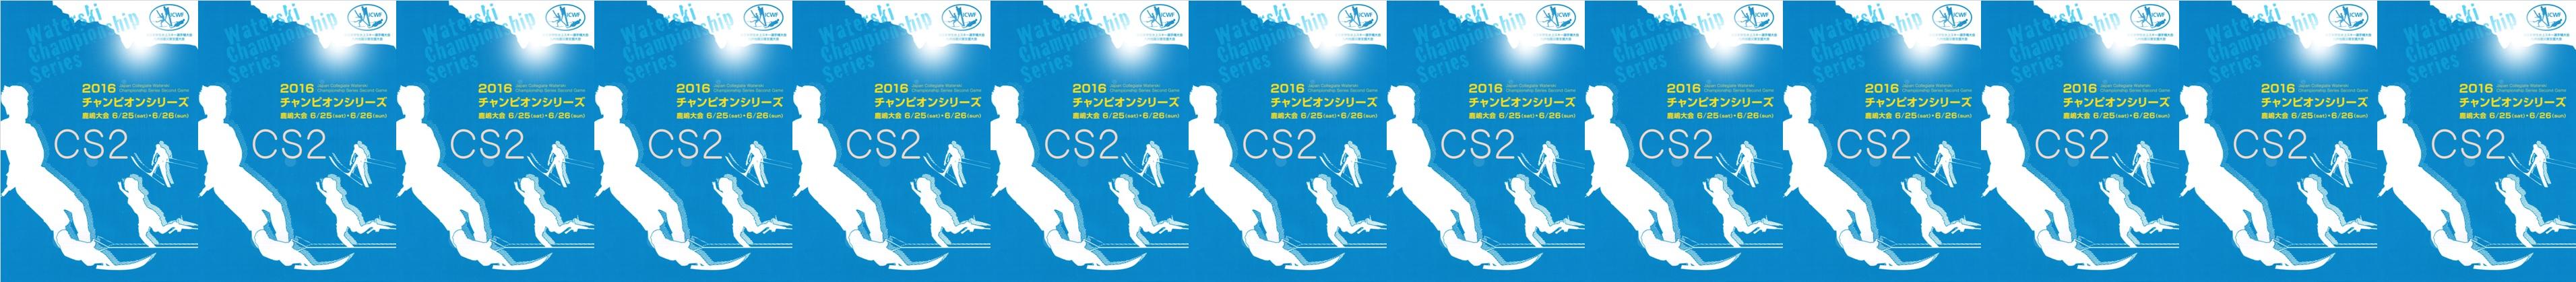 2016CS2 M's Title